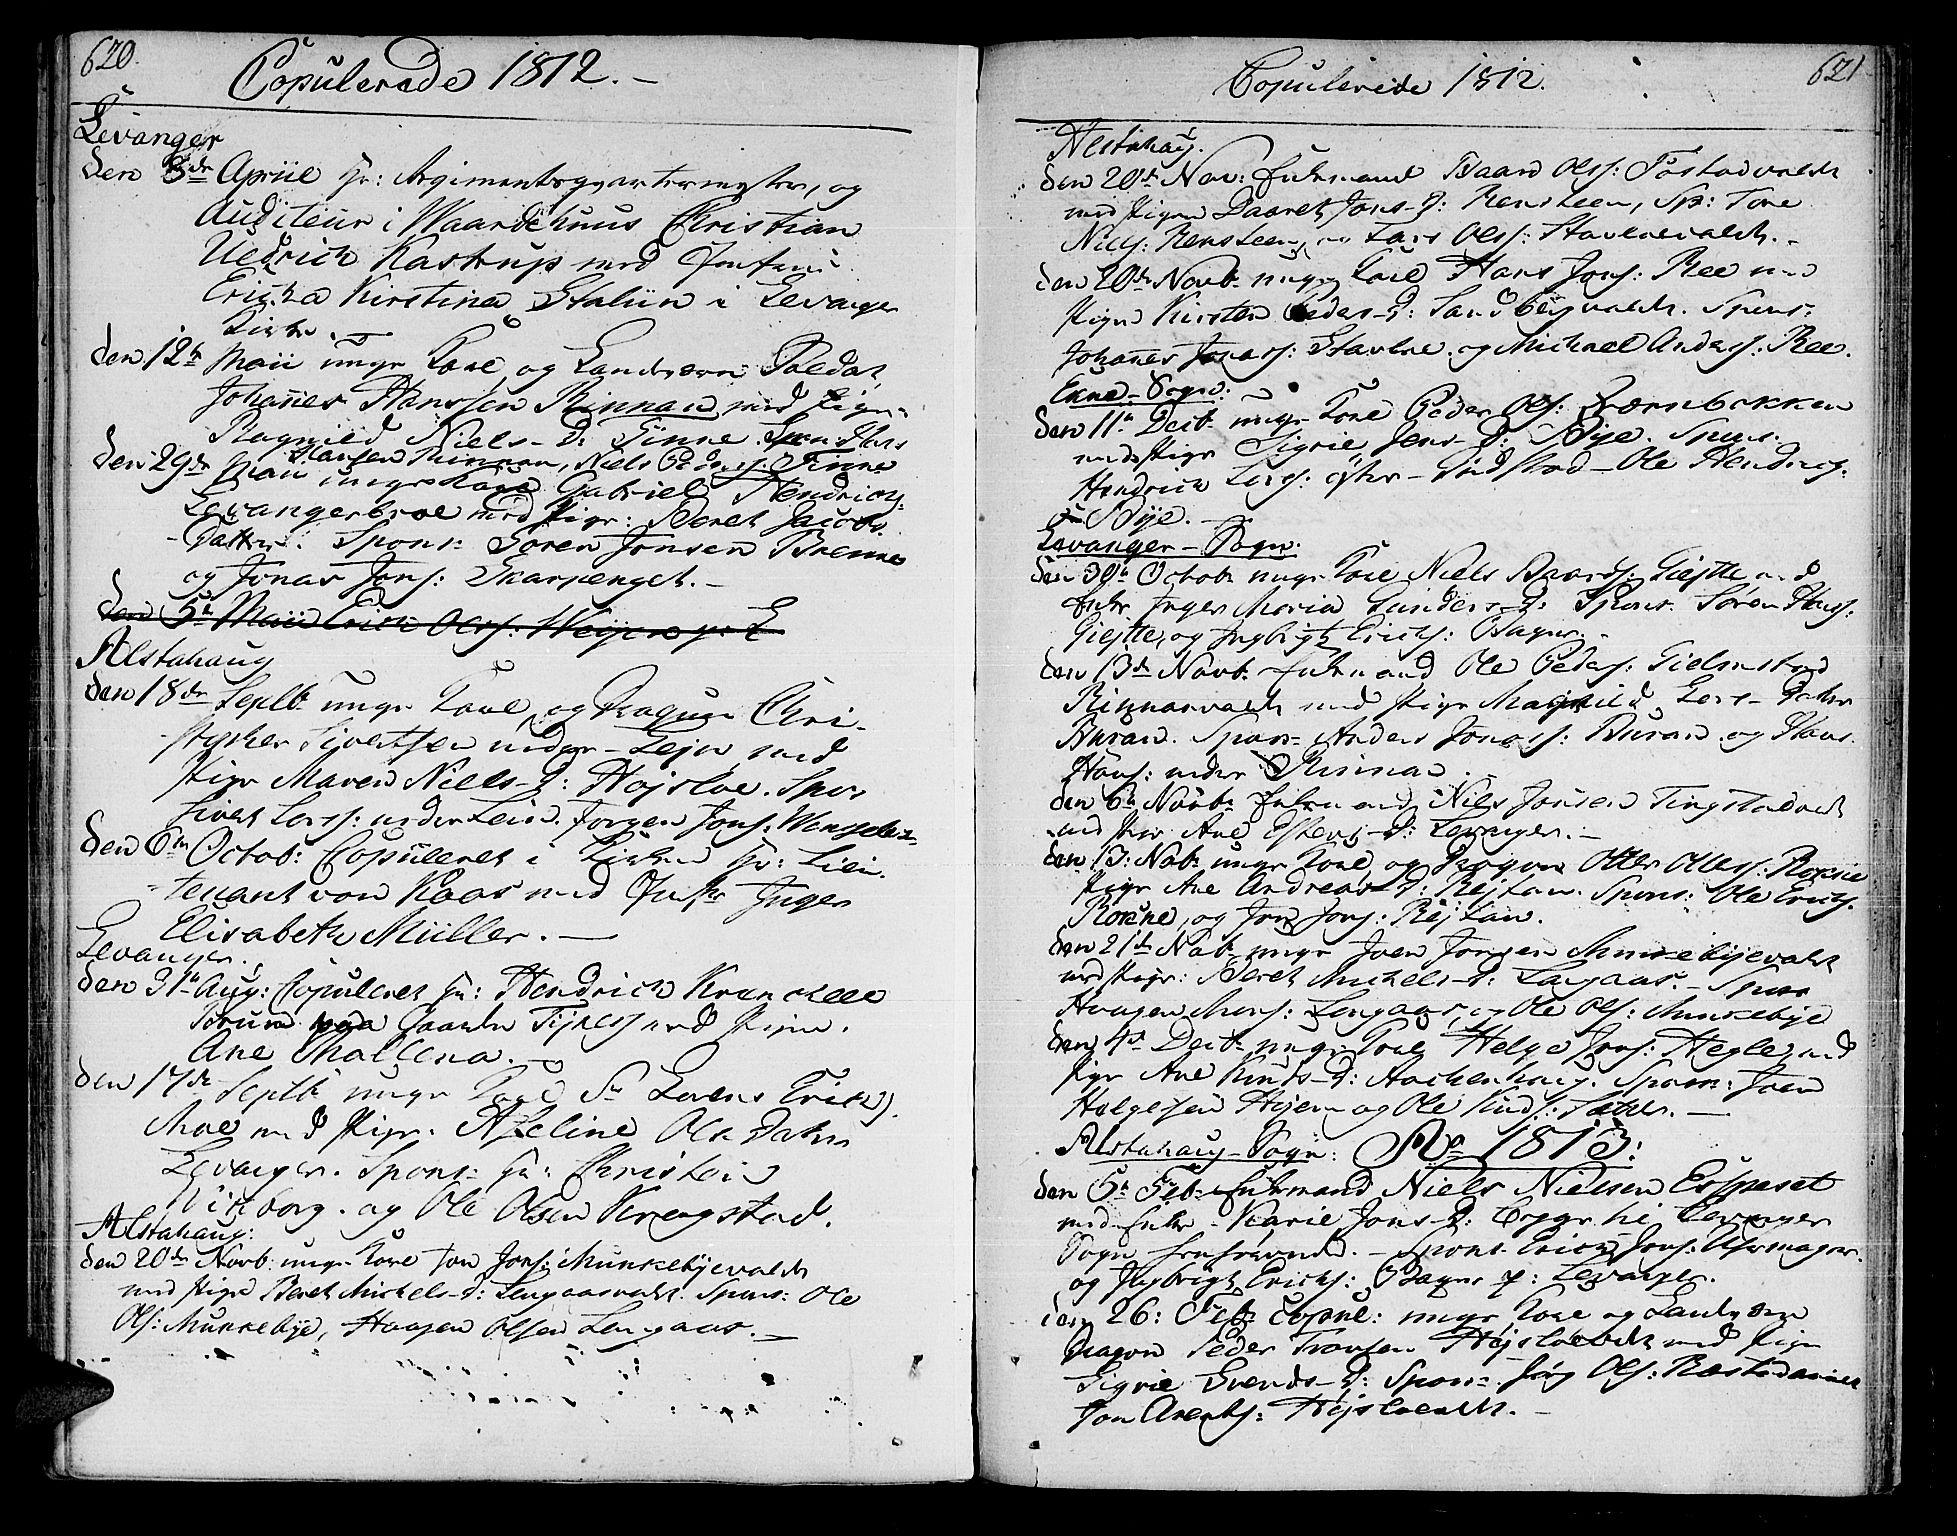 SAT, Ministerialprotokoller, klokkerbøker og fødselsregistre - Nord-Trøndelag, 717/L0145: Ministerialbok nr. 717A03 /1, 1810-1815, s. 620-621